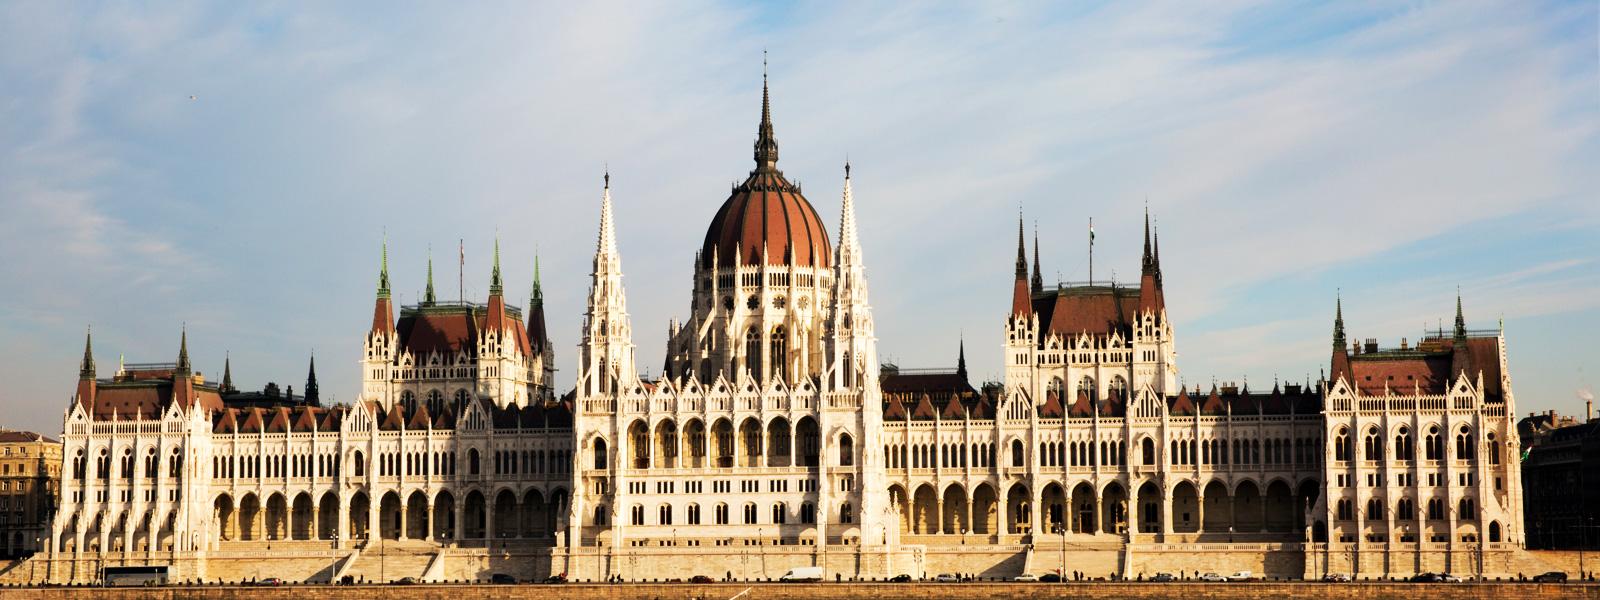 Aeroporto Ungheria : Viaggio in ungheria europa con noi